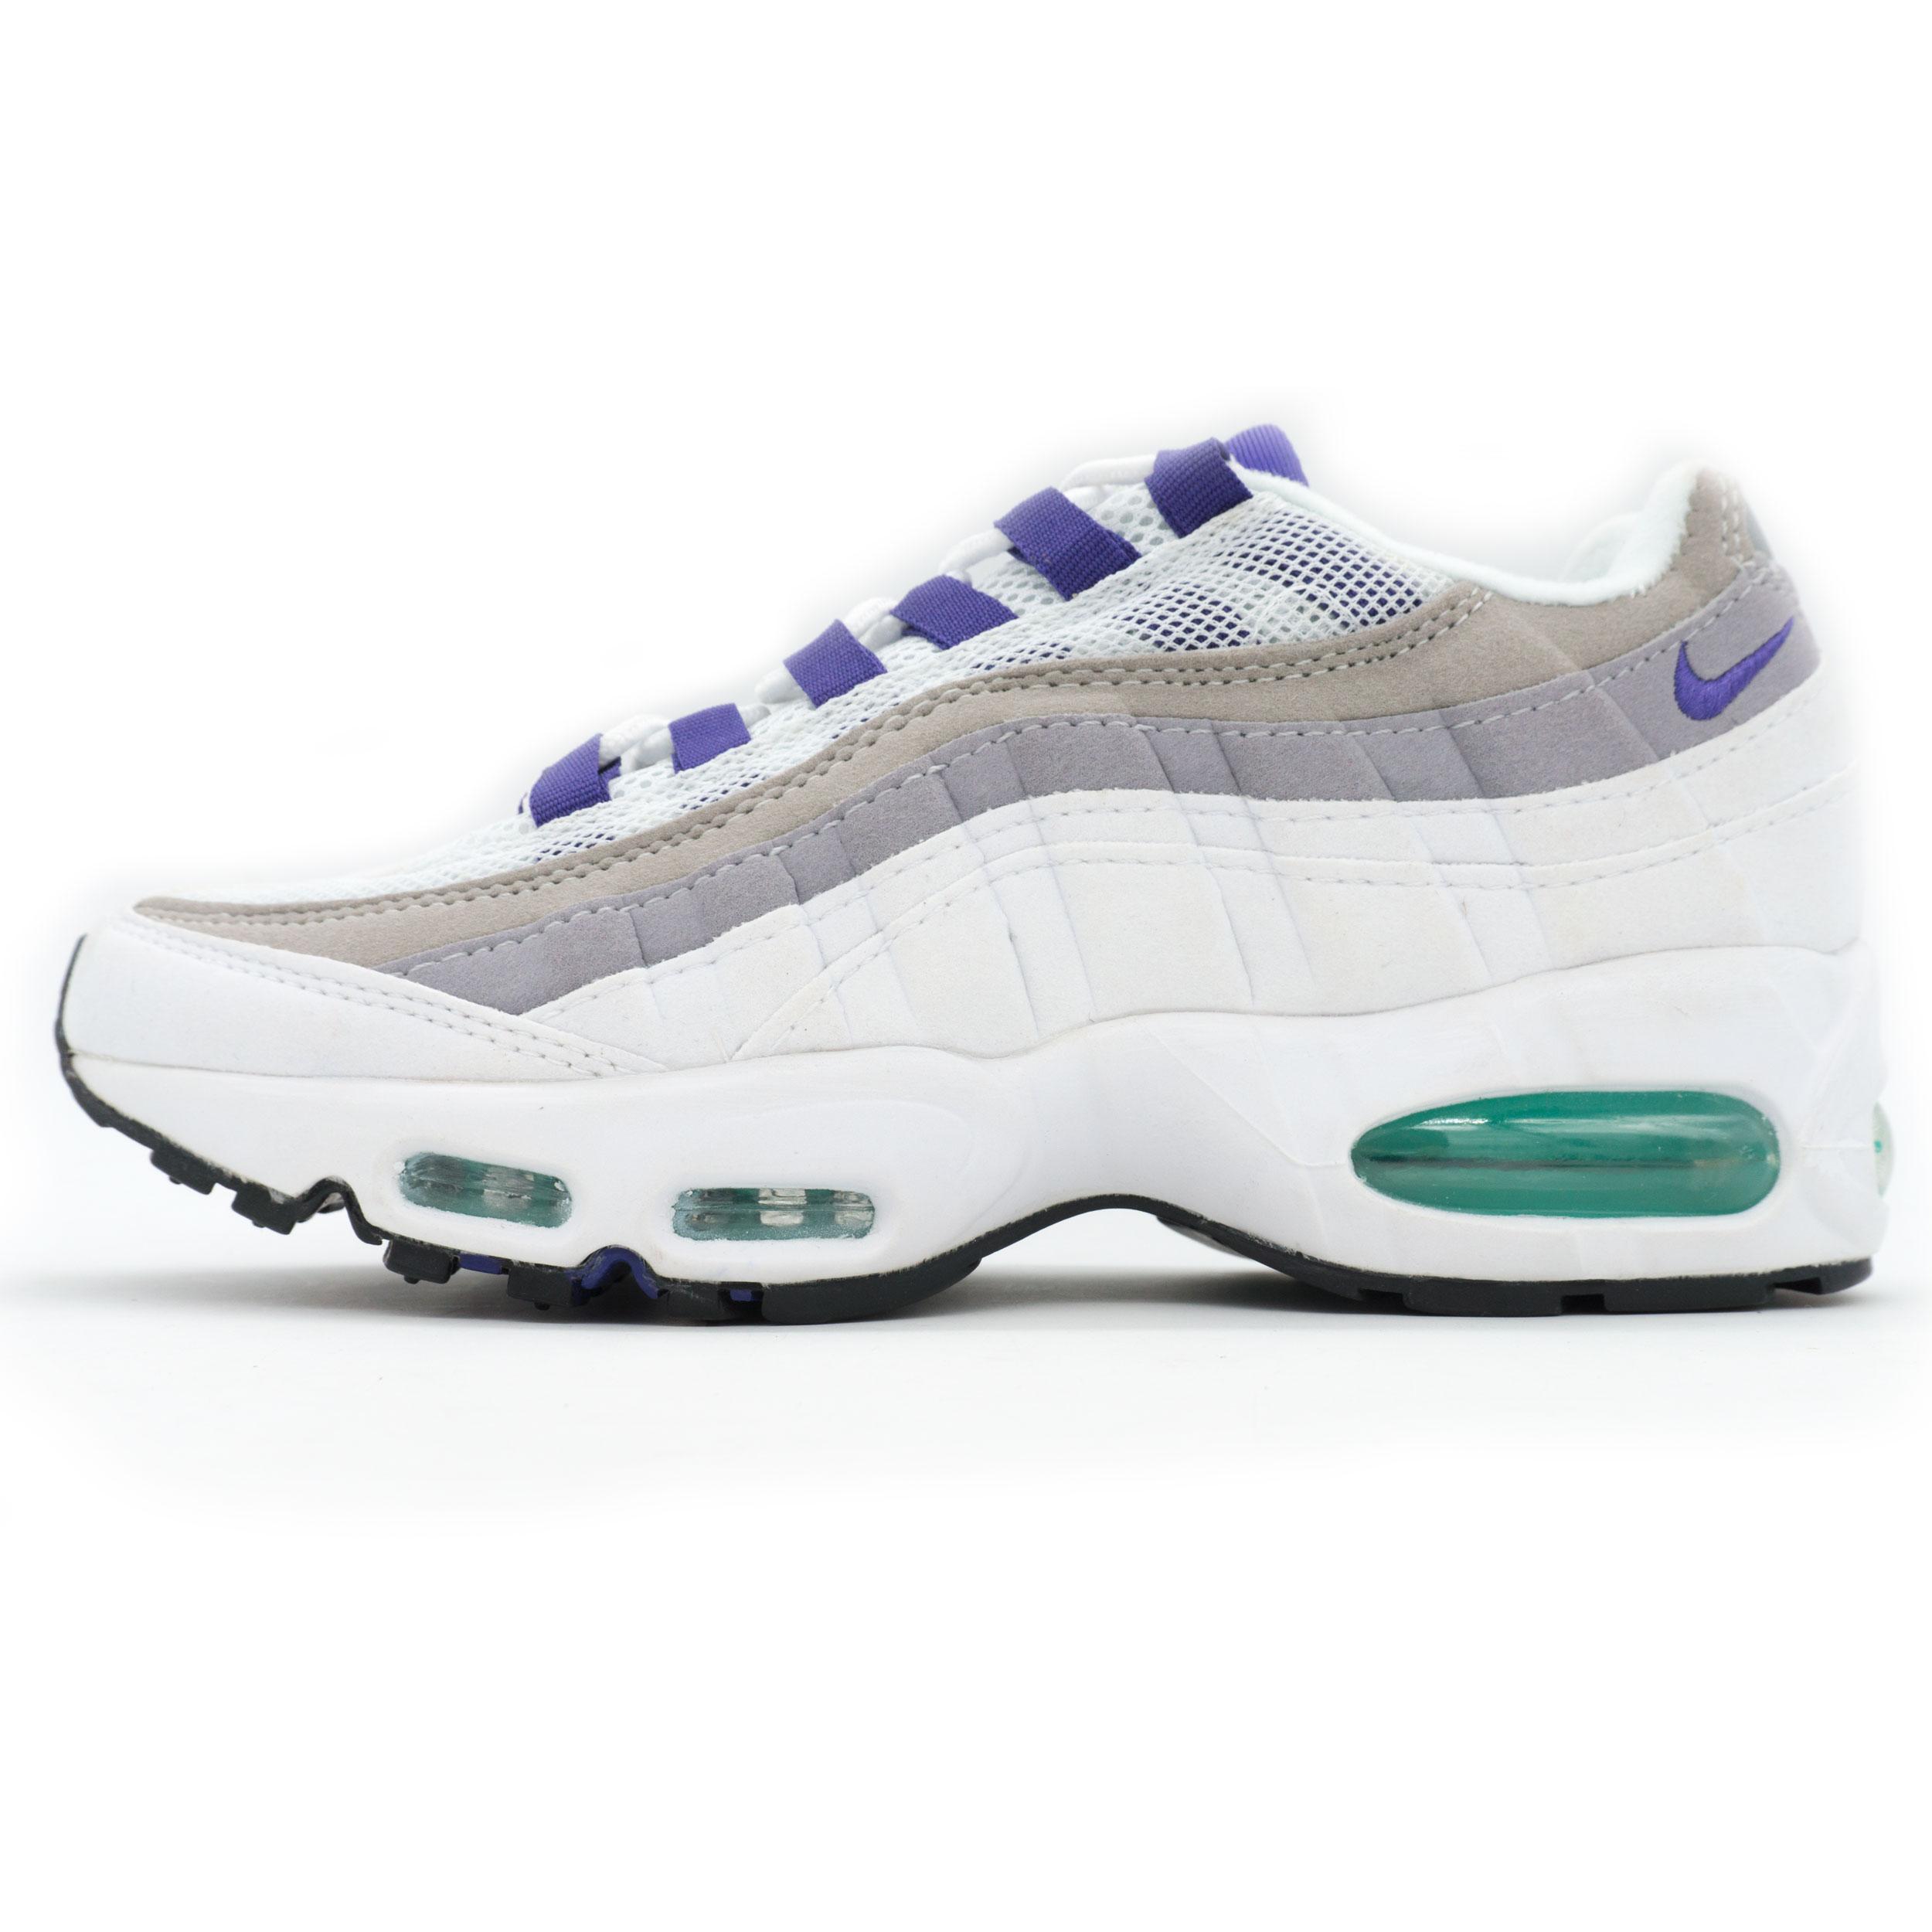 8331170ea153 Женские кроссовки Nike air max 95, купить бело-серо-фиолетовые аир ...